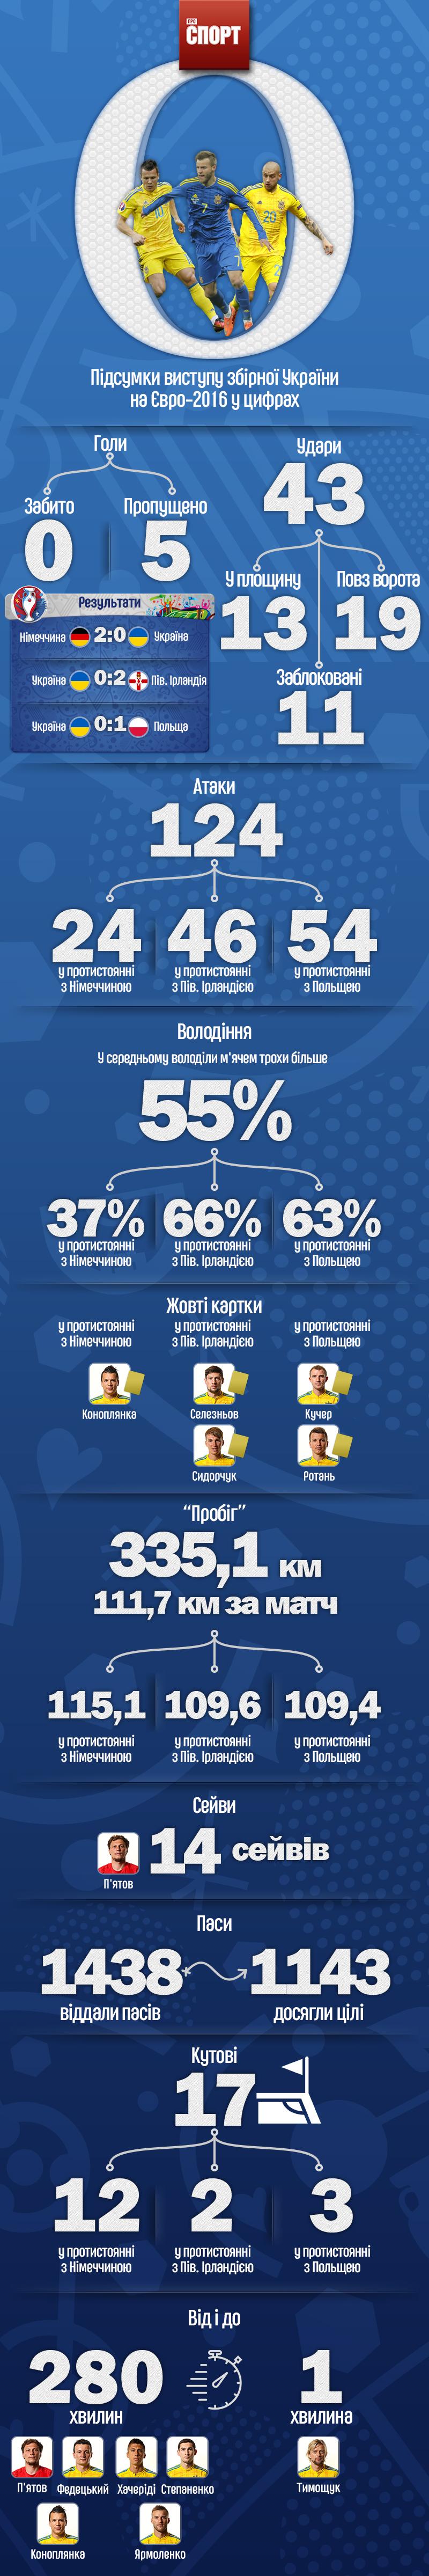 Статистика збірної Україна на Євро-2016